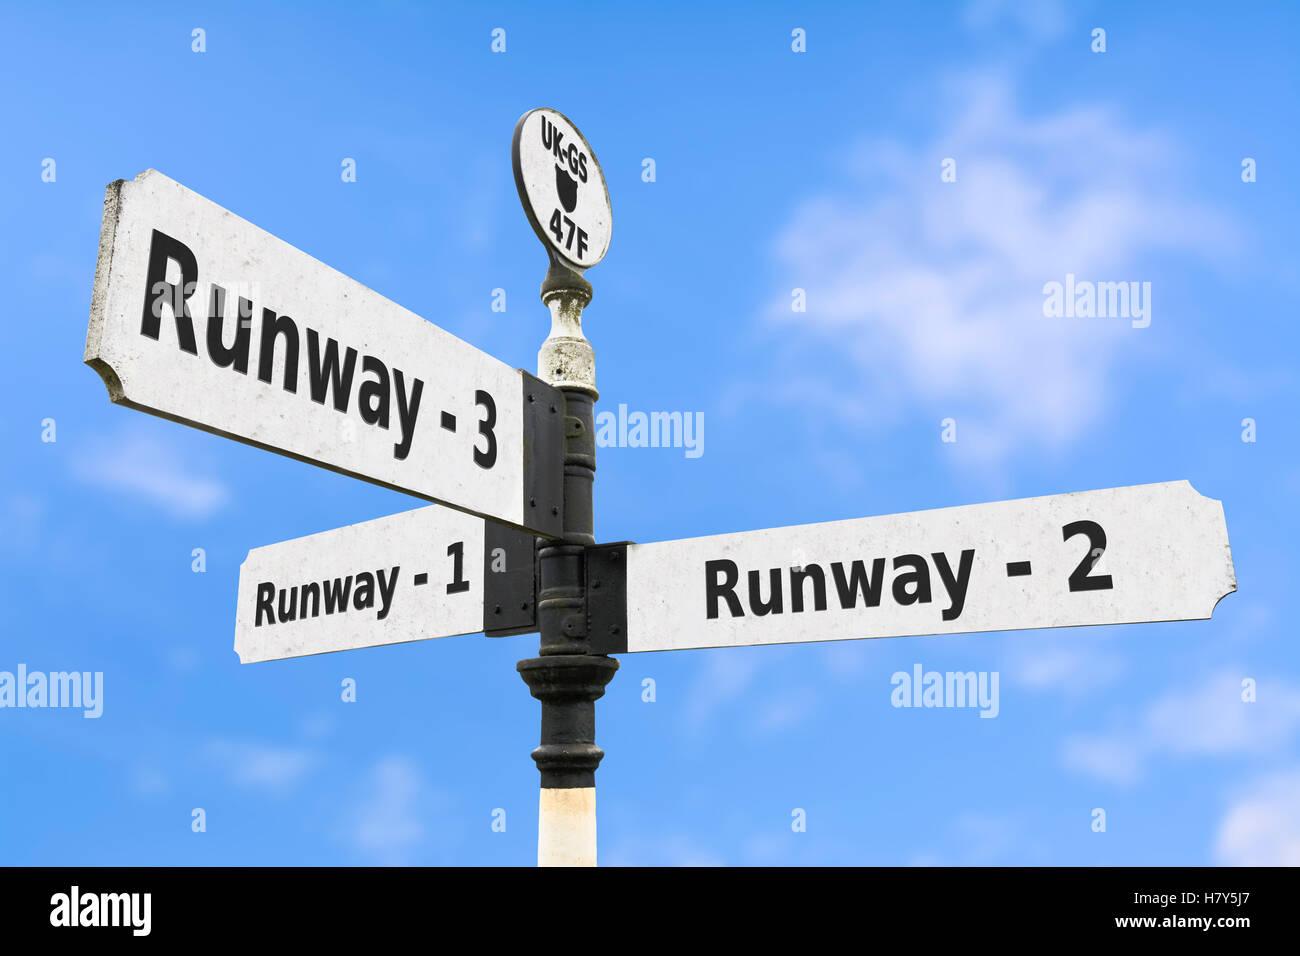 Espansione delle piste di rullaggio di aeroporti Nozione di segno. Immagini Stock